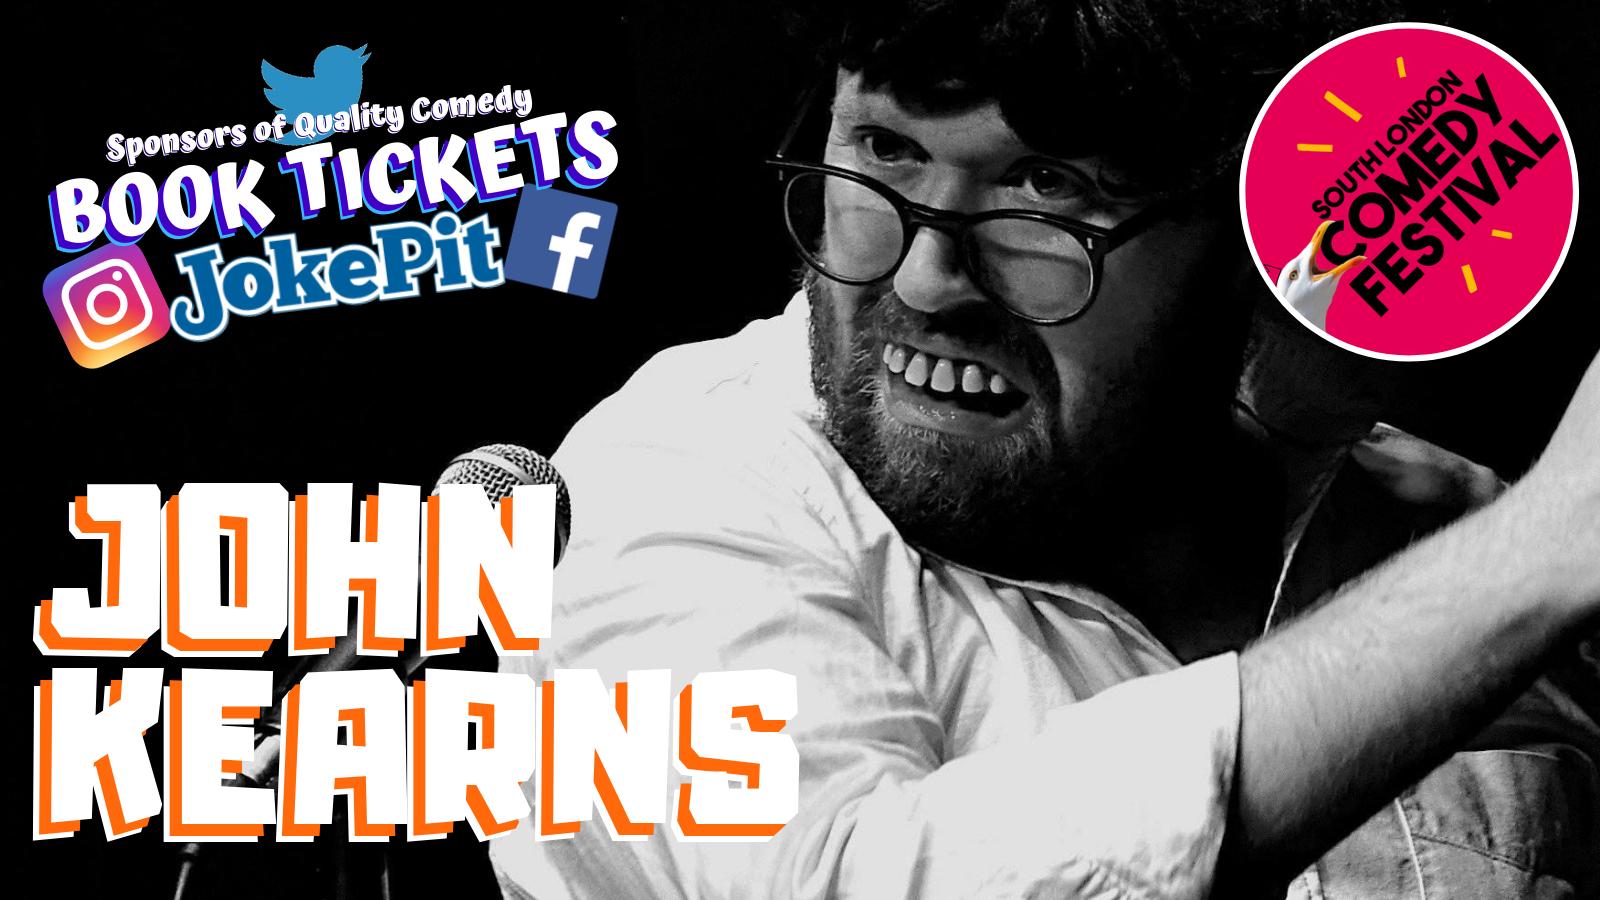 John kearns jokepit comedy tickets